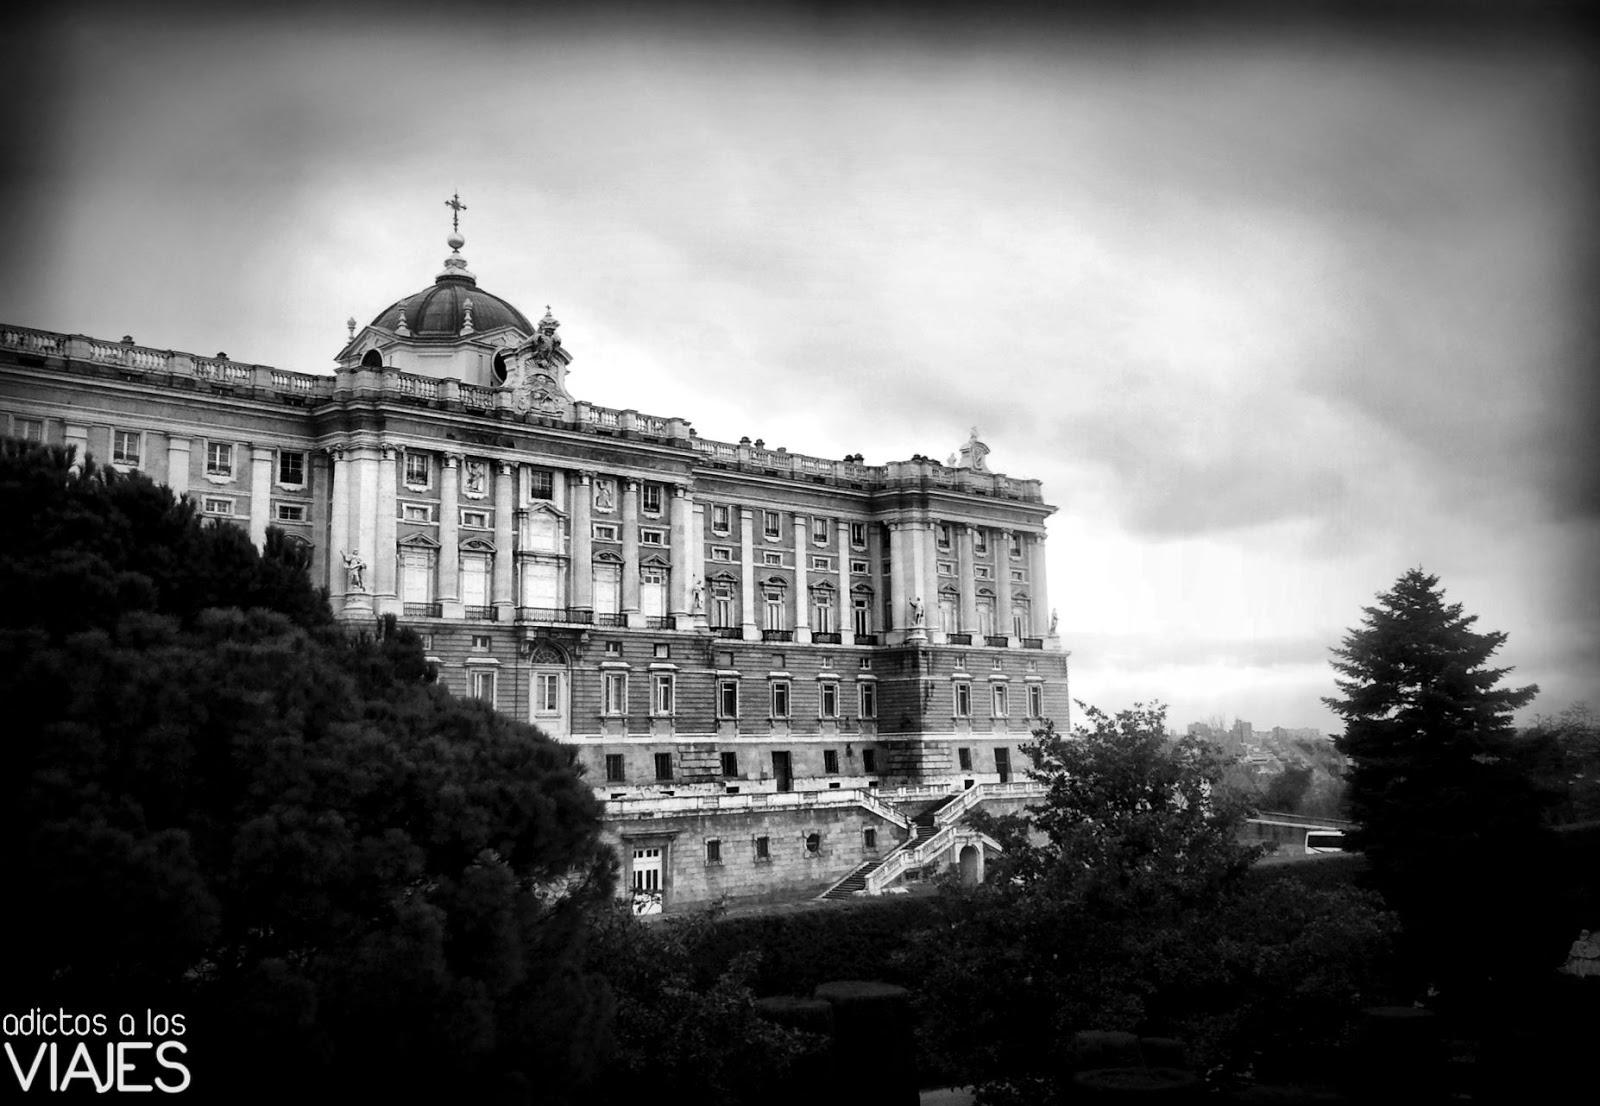 Madrid en blanco y negro adictos a los viajes blog de viajes - Jardines palacio real madrid ...